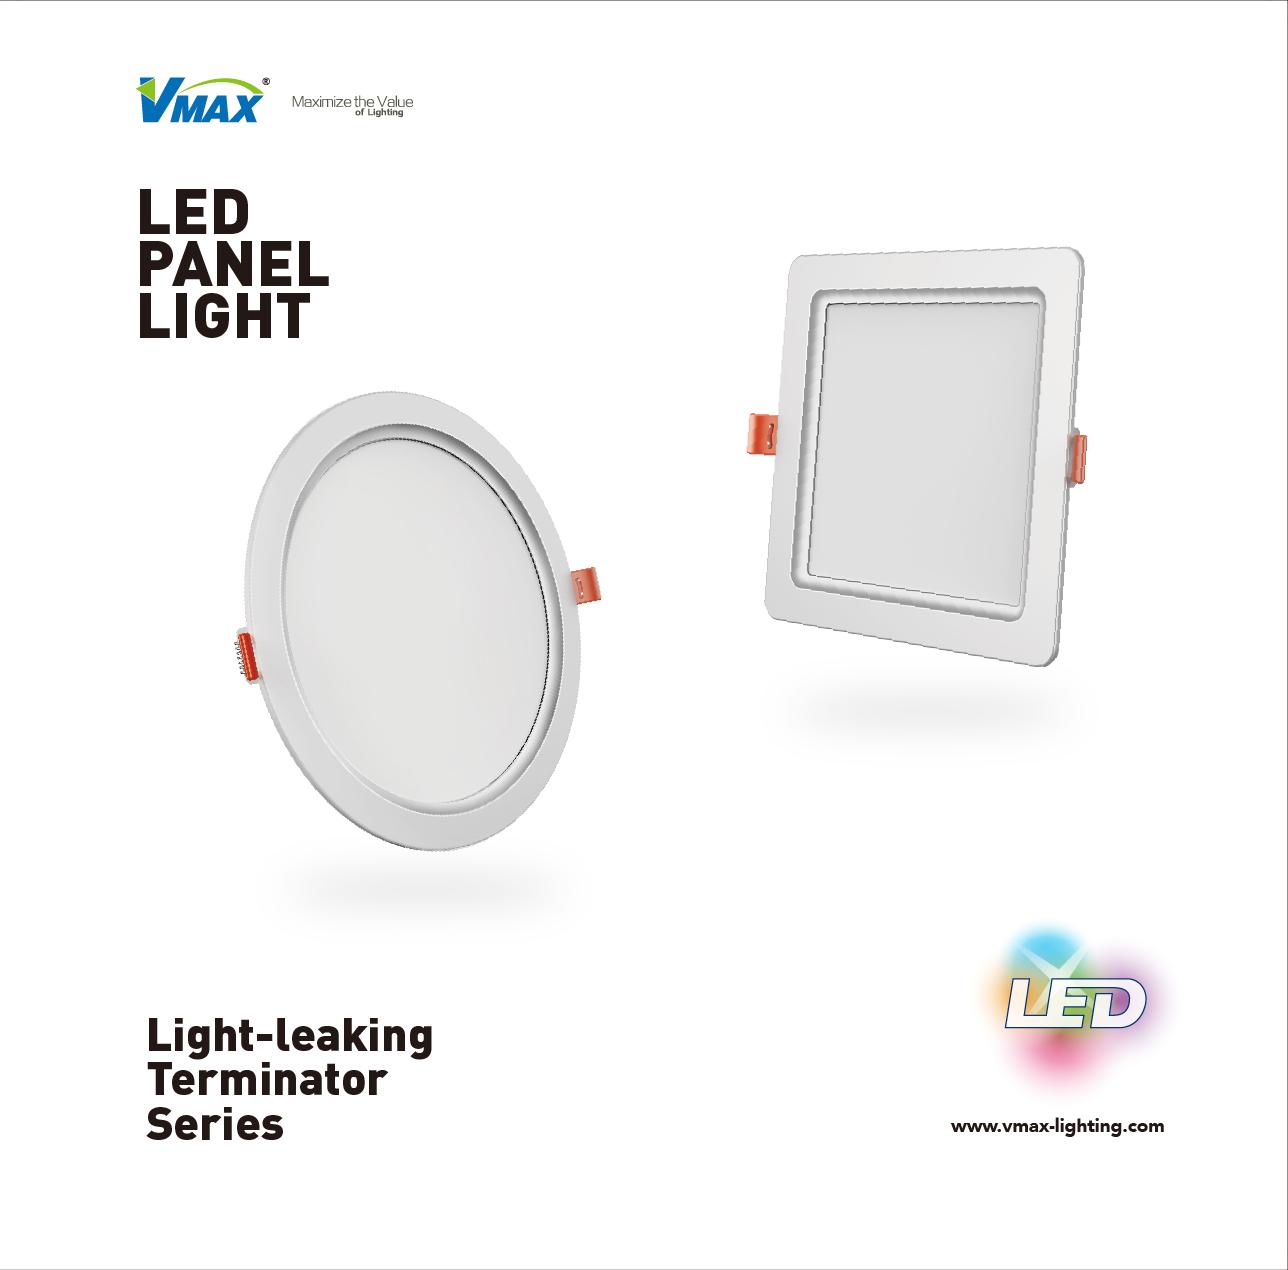 V.MAX Light-leaking Terminator Series Panel Light Catalog